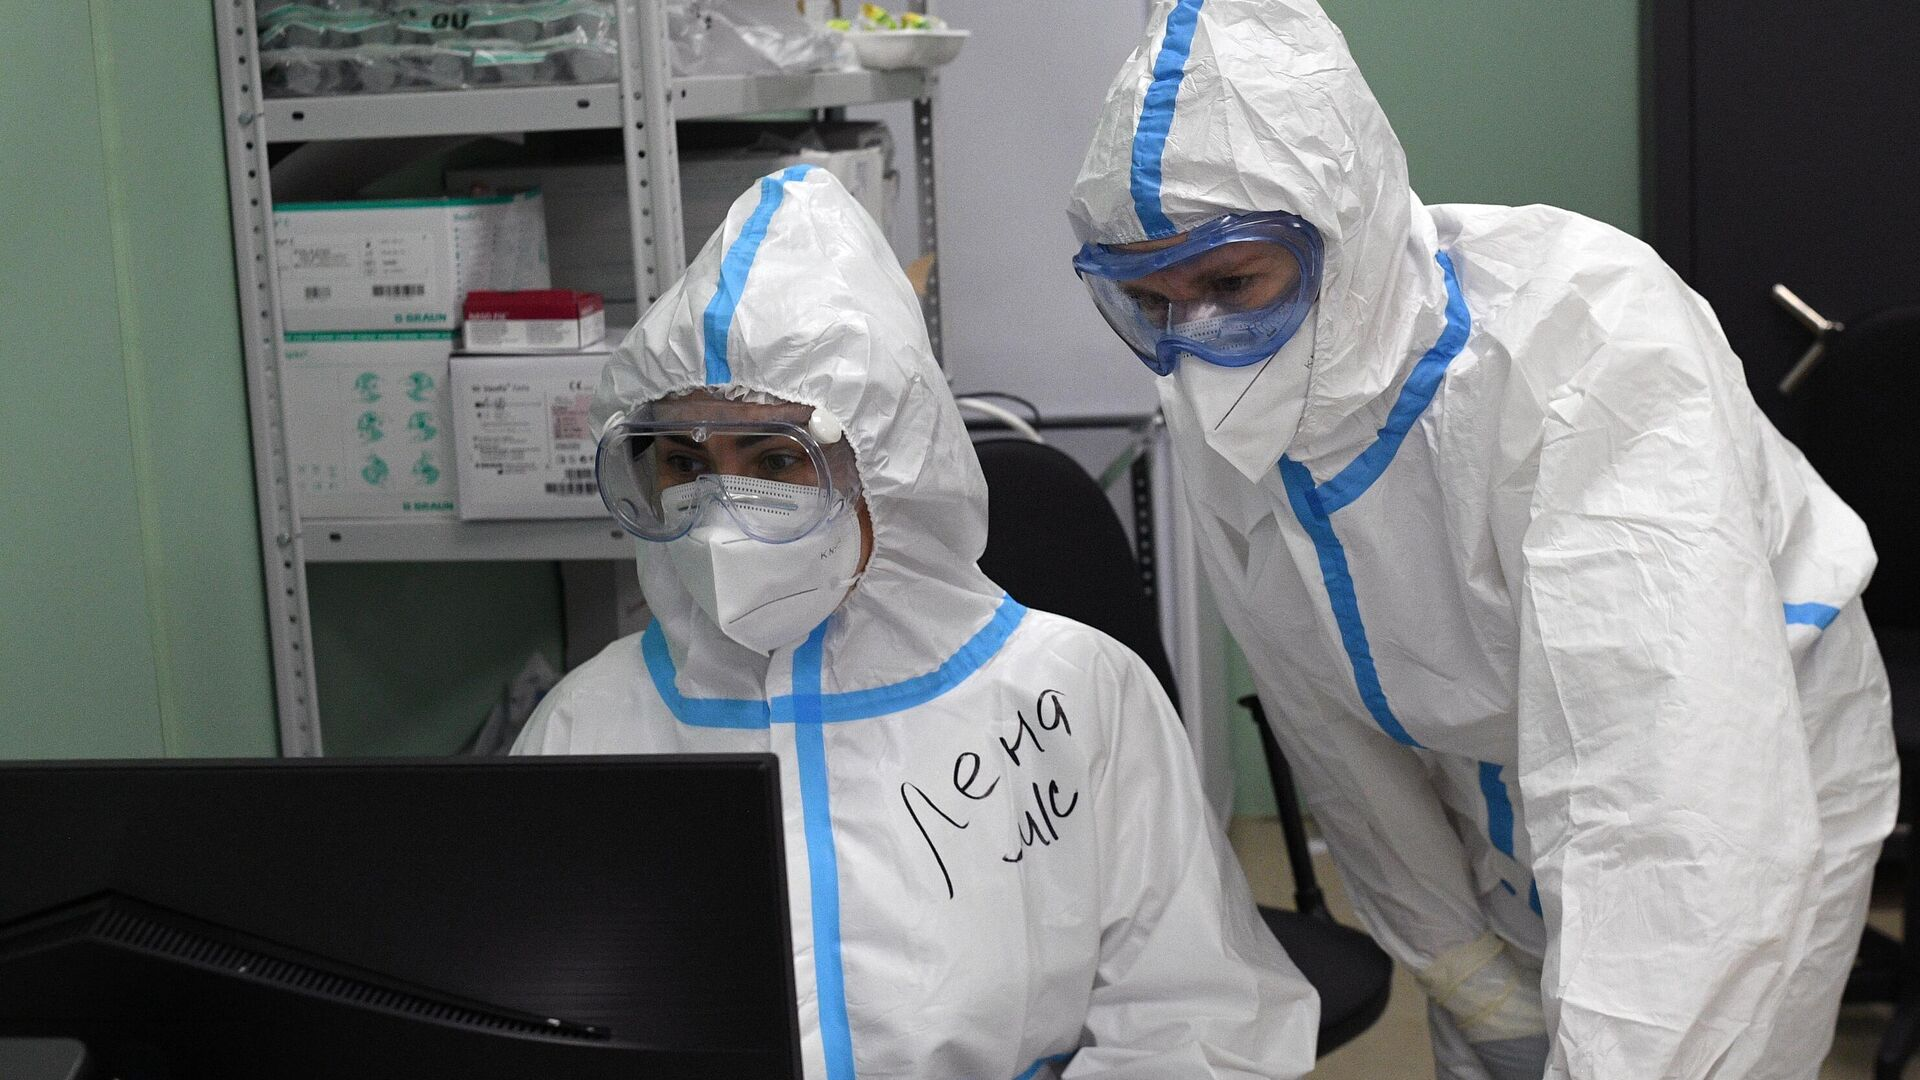 Медицинские работники во временном госпитале COVID-19 на ВДНХ в Москве - РИА Новости, 1920, 24.10.2020